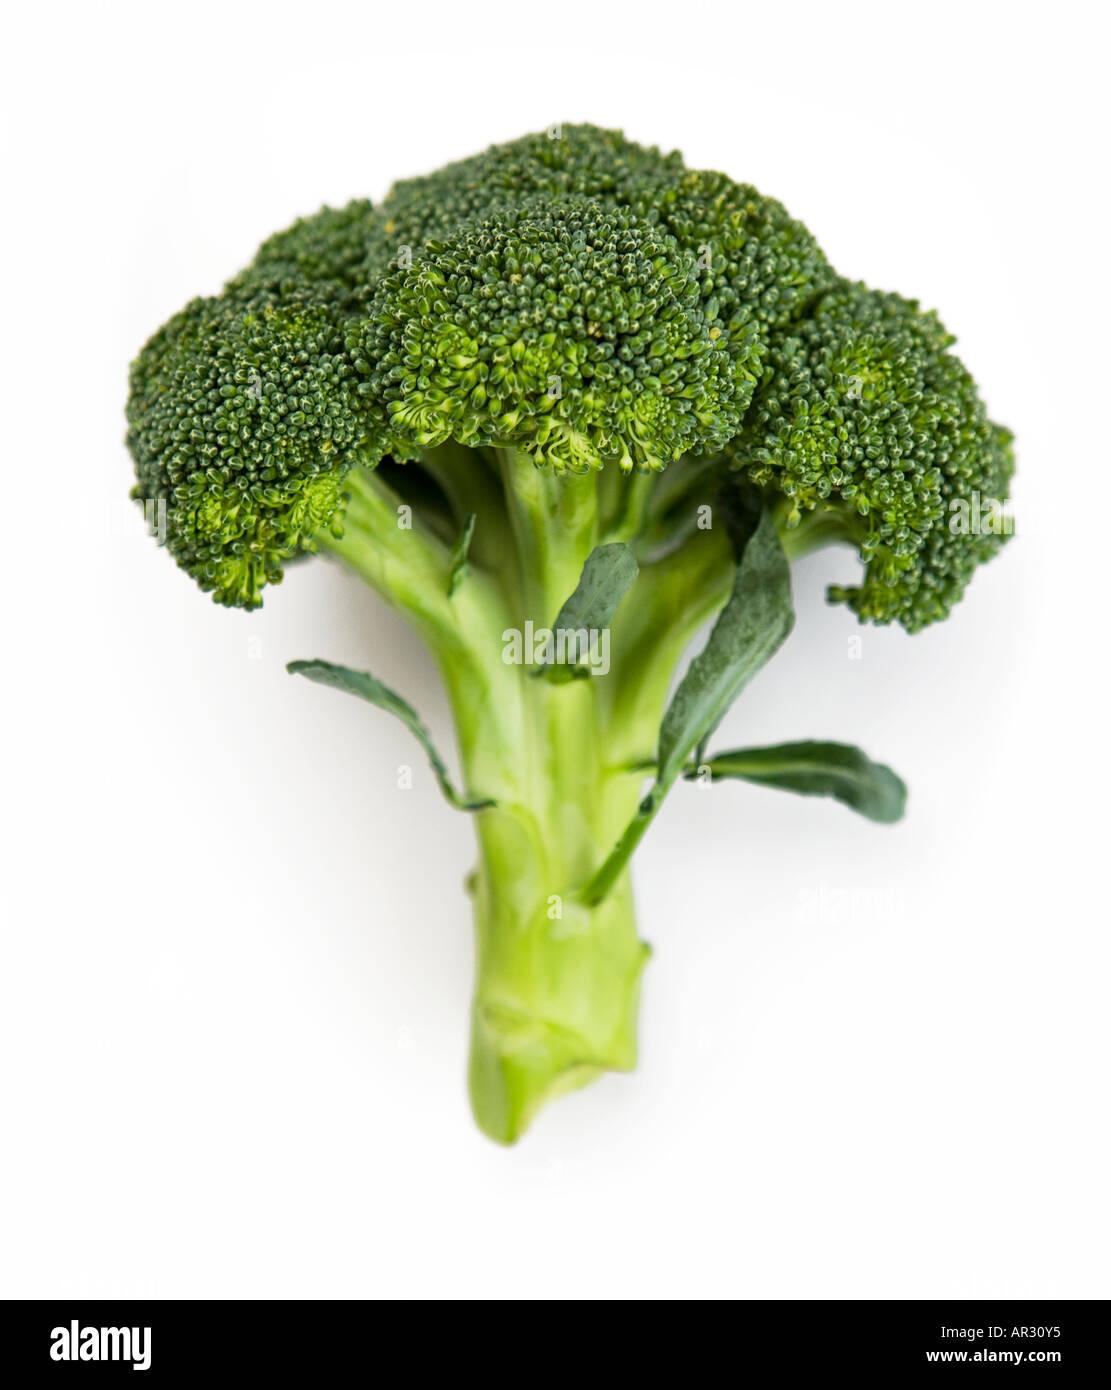 Brokkoli-Schuss auf einem weißen Hintergrund ausschneiden Stockbild